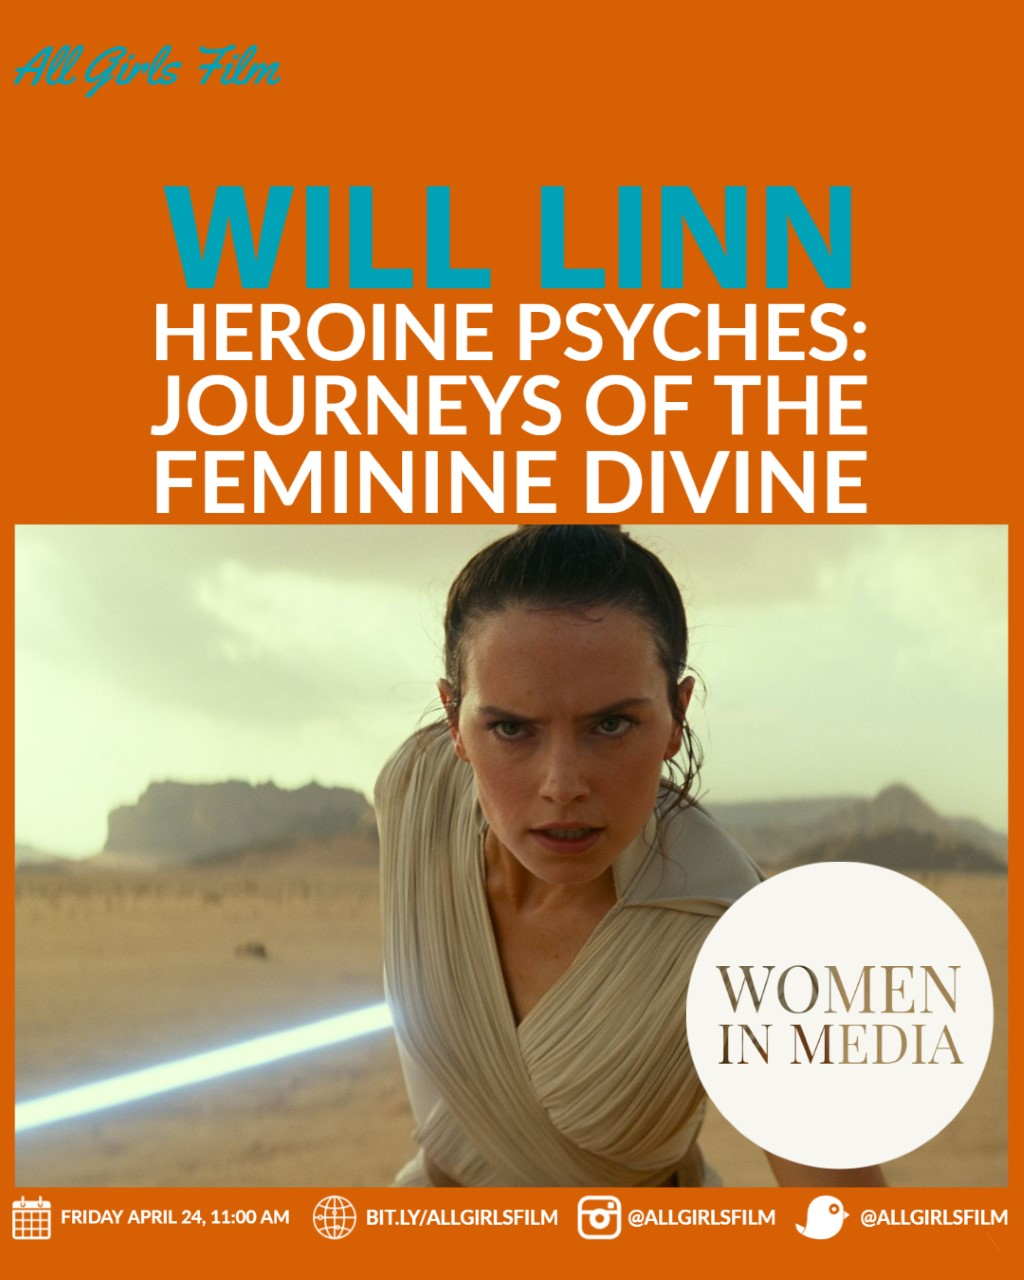 heroine psychles - journeys of the feminine divine flyer.jpg